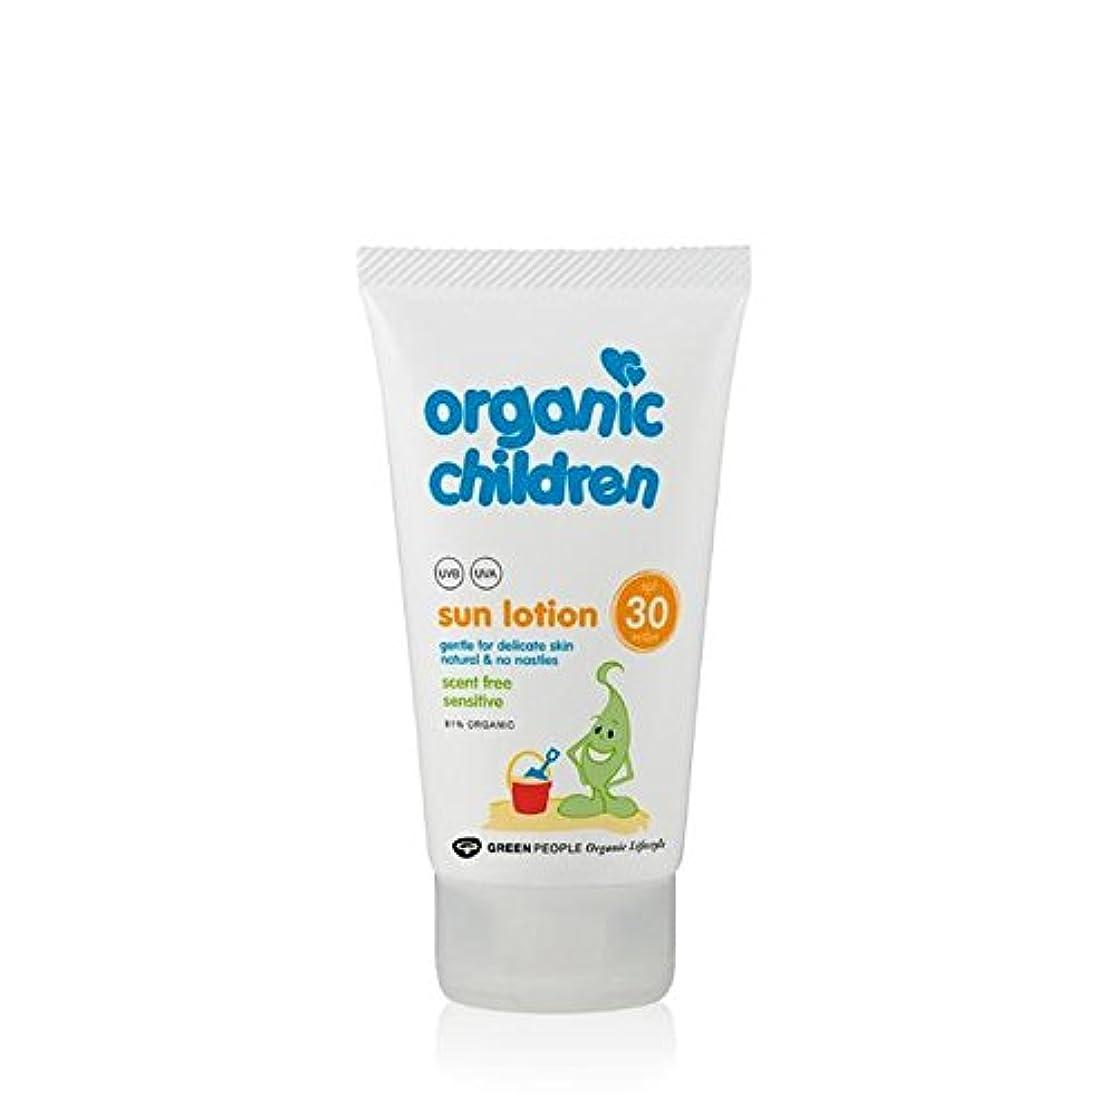 肝多年生伝導有機子ども30の香り無料のサンローション150 x4 - Organic Children SPF30 Scent Free Sun Lotion 150ml (Pack of 4) [並行輸入品]